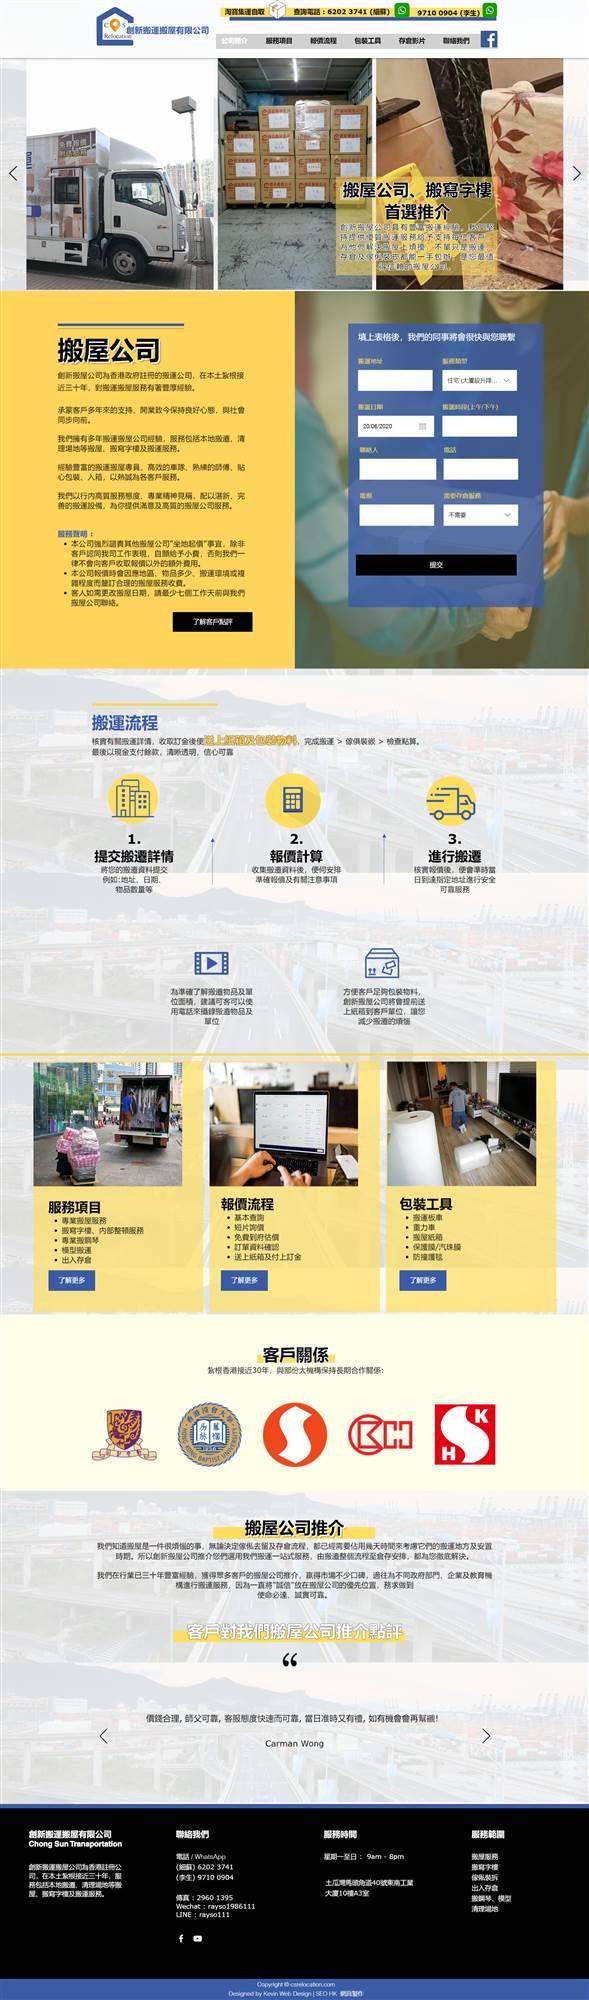 SEO Hong Kong 網頁製作